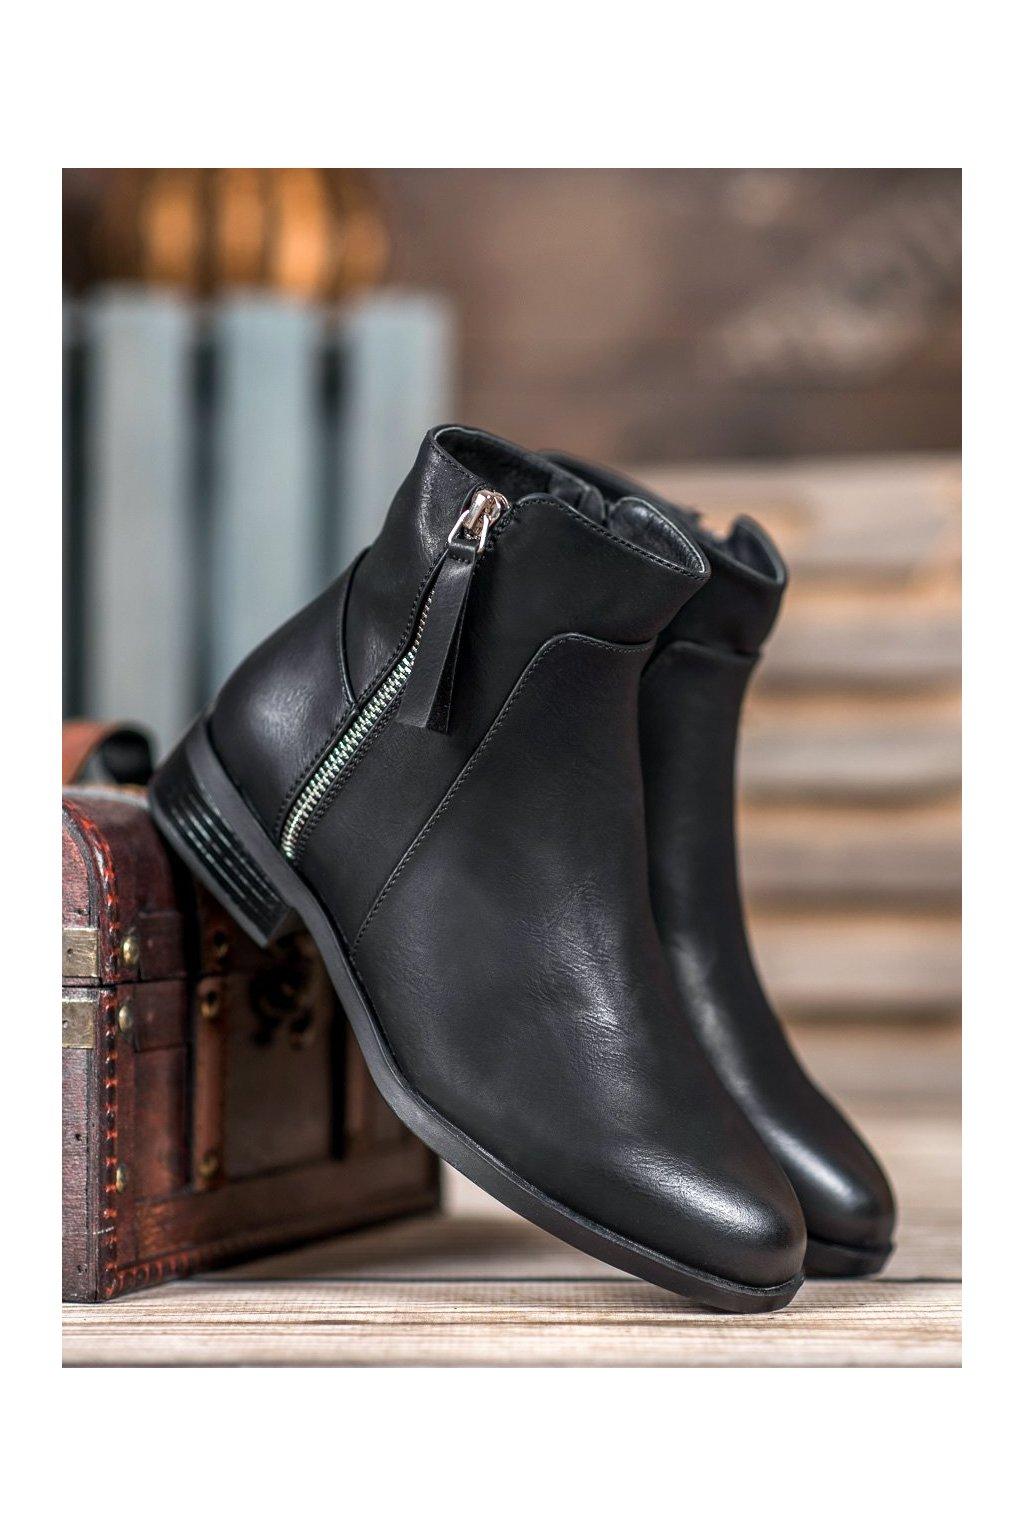 Čierne dámske topánky NJSK 1002-PA